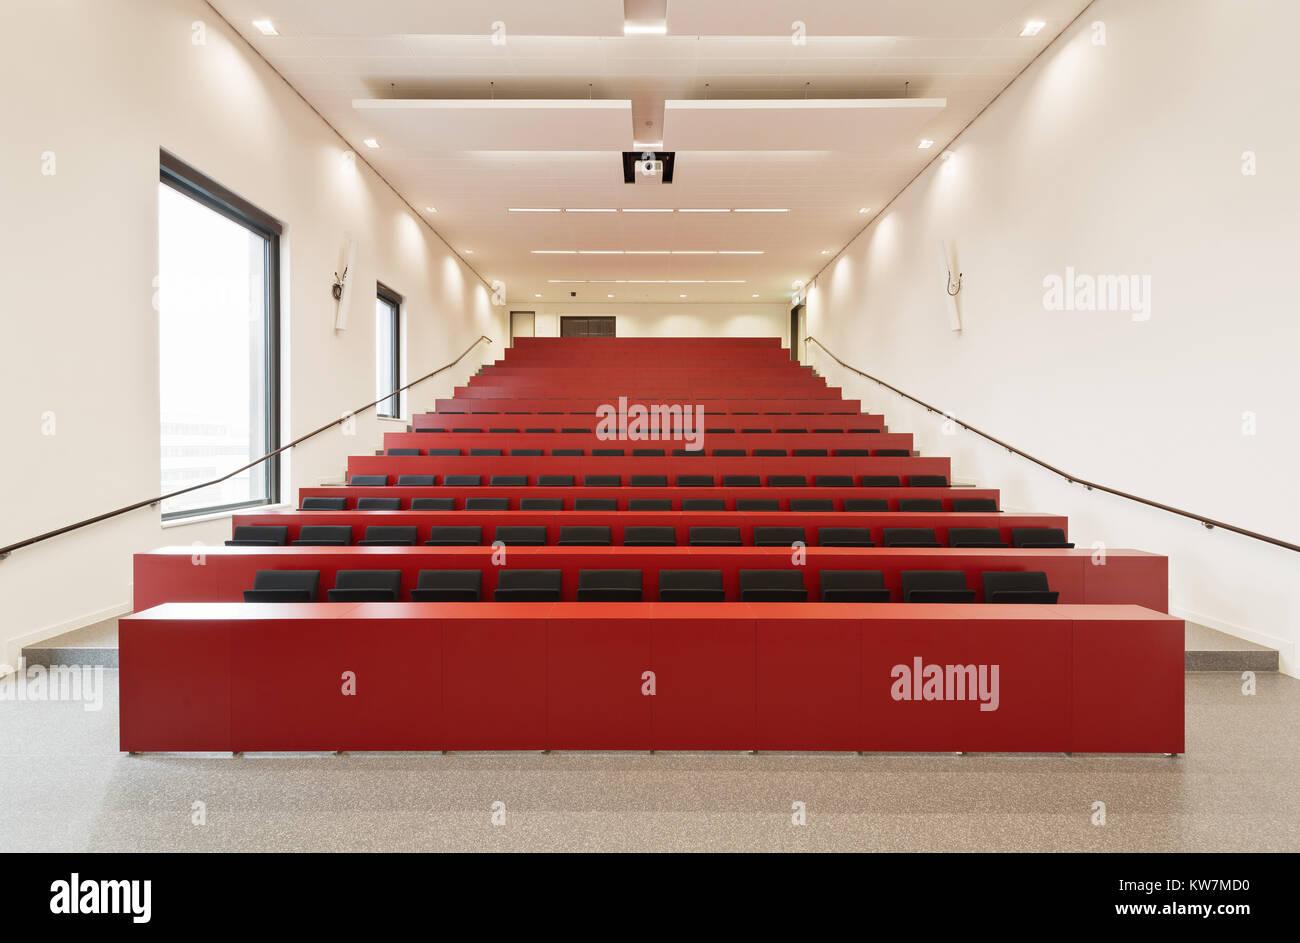 Hoschschule Hochschule Hamm-Lippstadt, Hörsaal, Bibliothek Stockbild